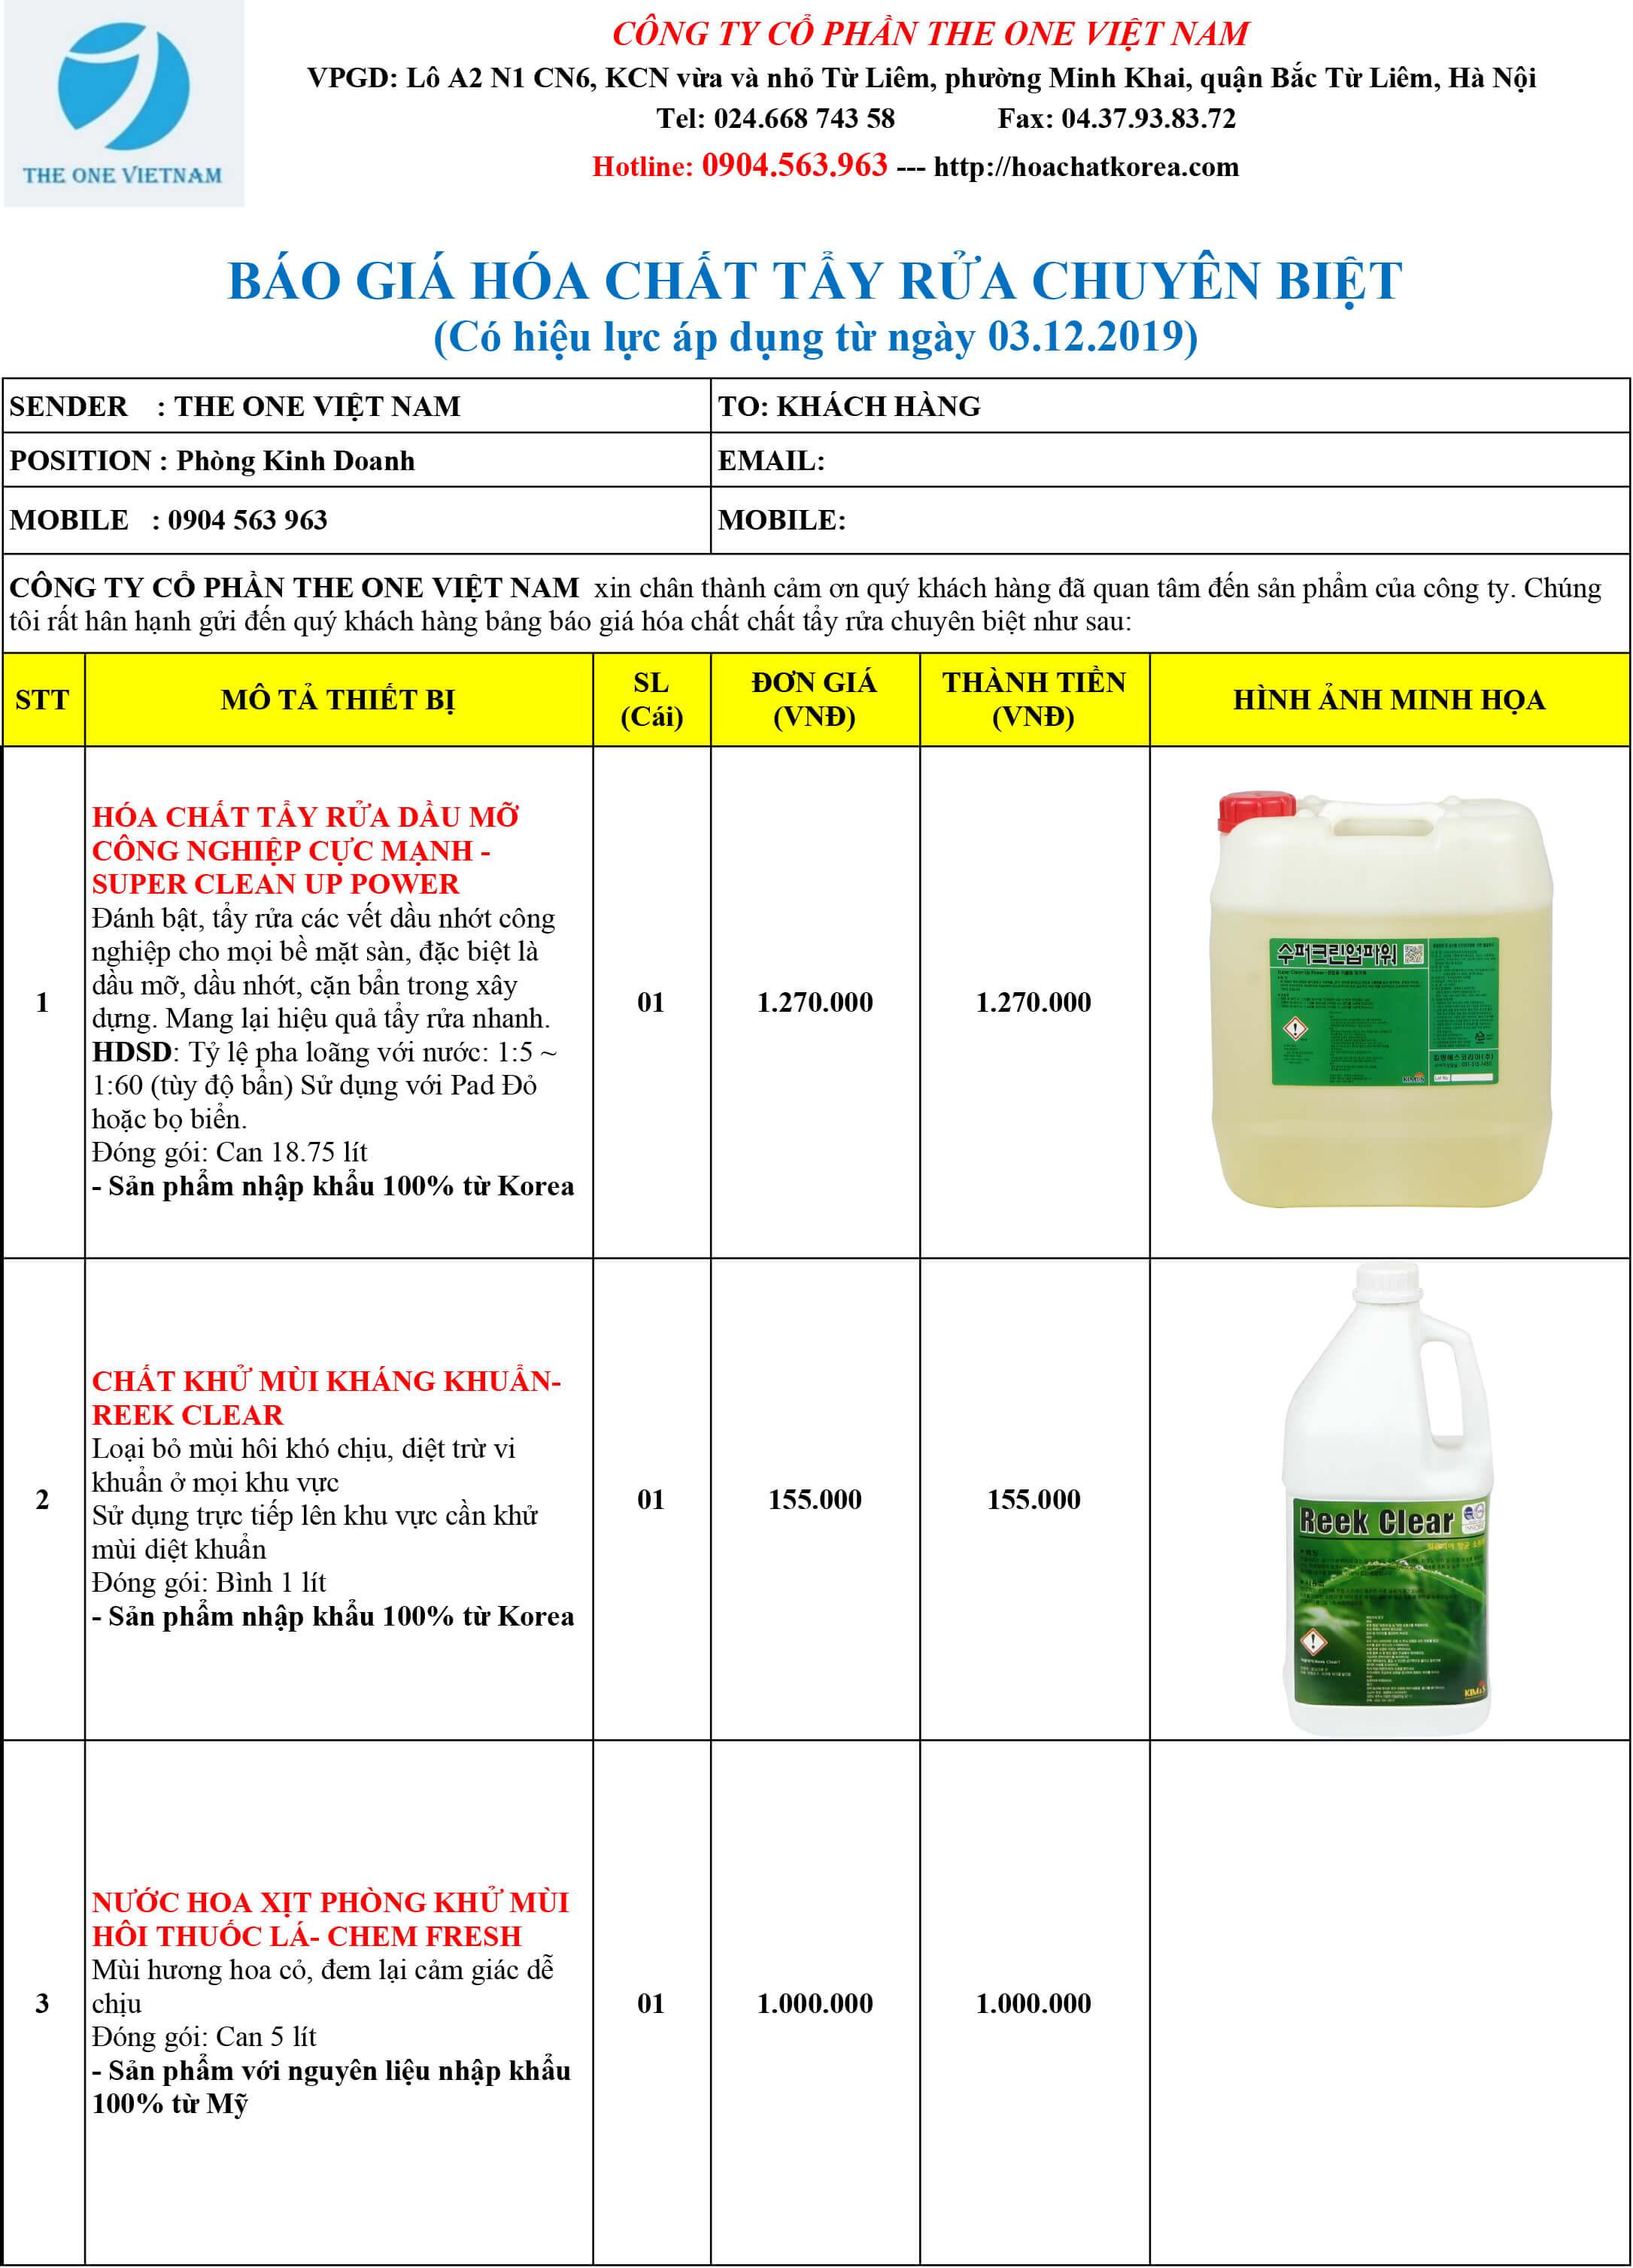 giá hóa chất tẩy rửa chuyên biệt